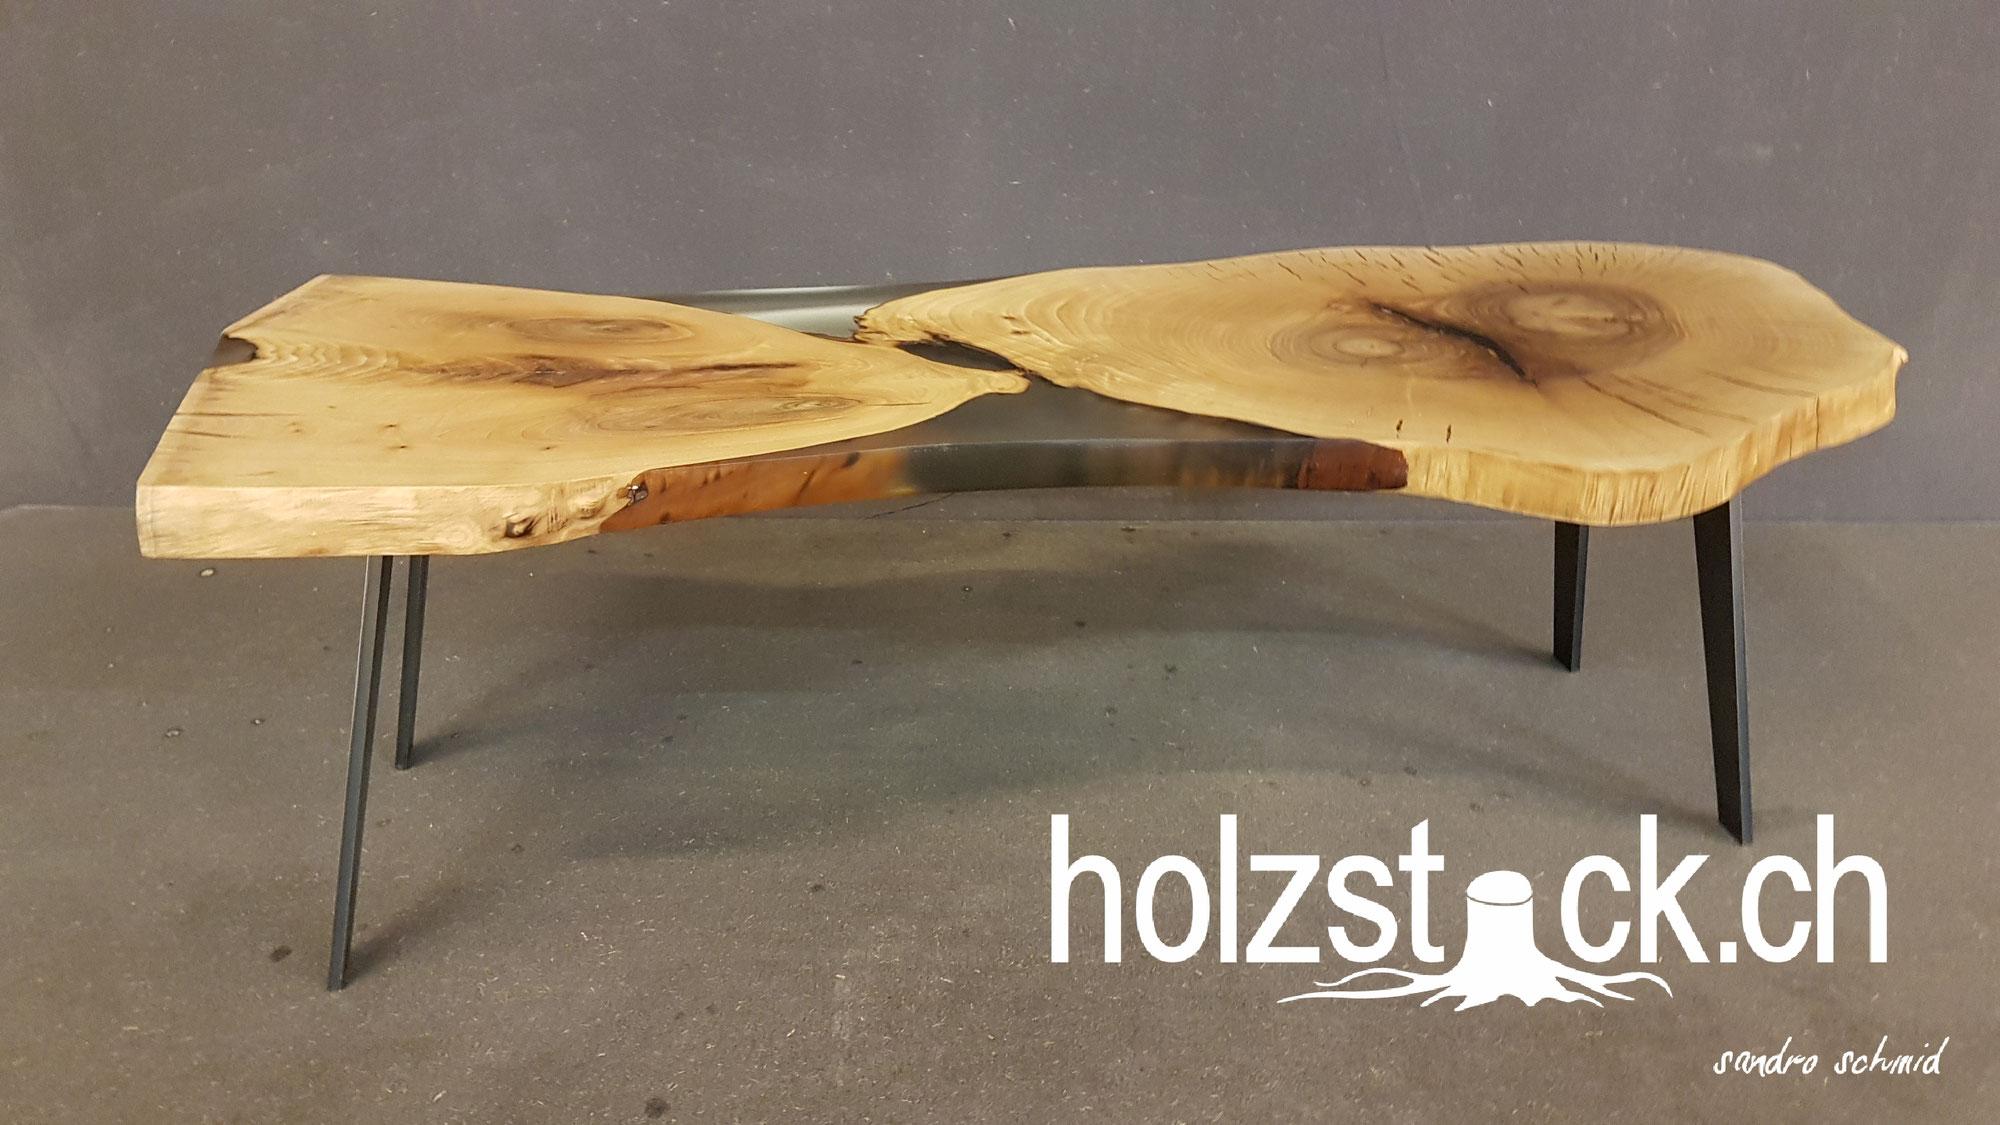 Salontisch Holzstockch082c52be46dd936179002920a2279621